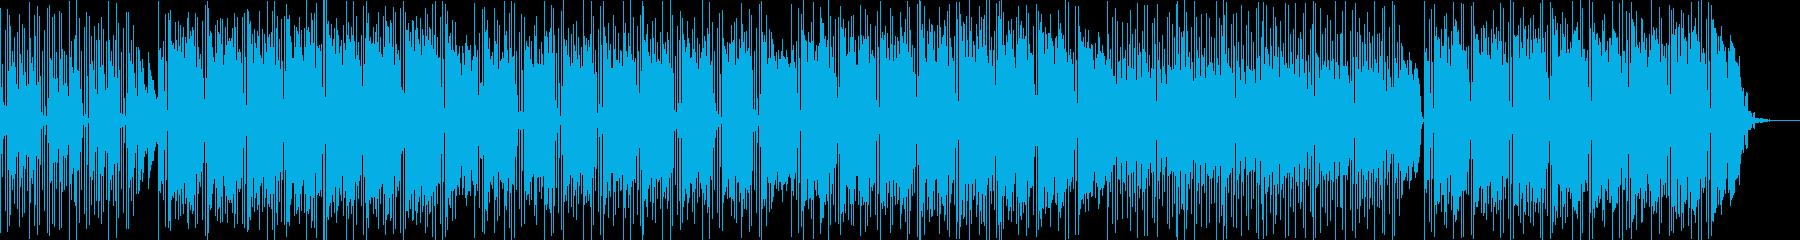 チルなローファイトラップの再生済みの波形